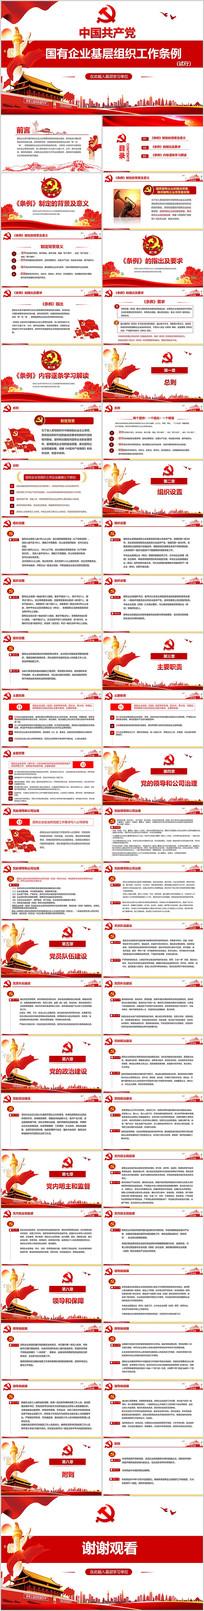 中国共产党国有企业基层组织工作条例